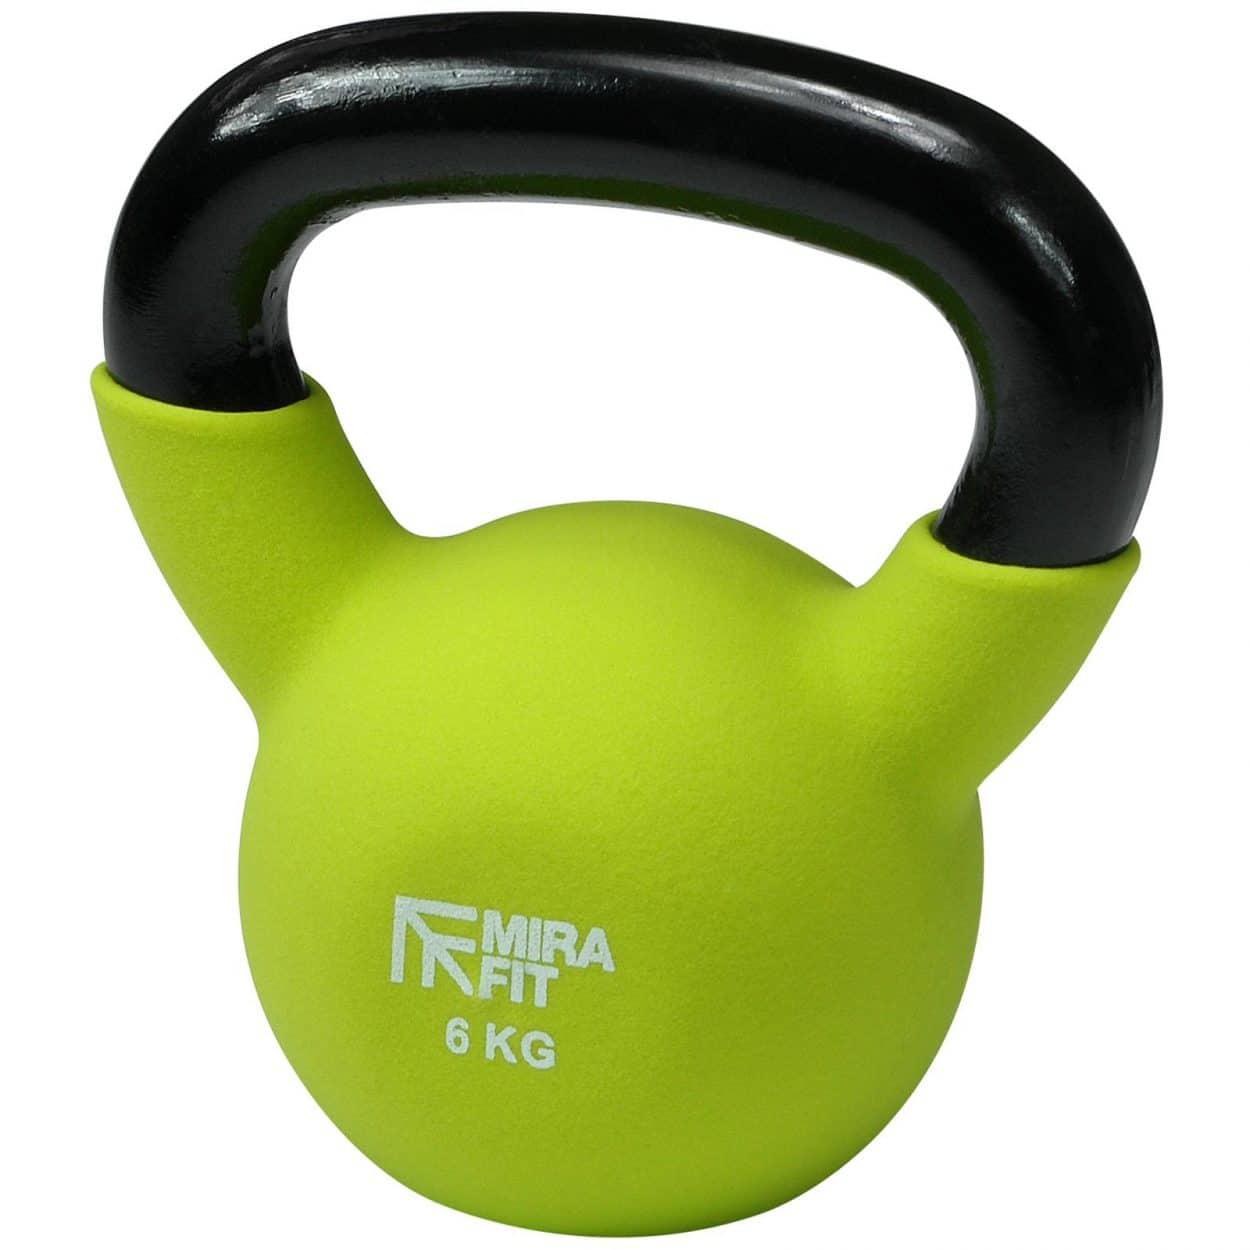 Mirafit Soft Touch Cast Iron Kettlebell Weight – Green – 6kg